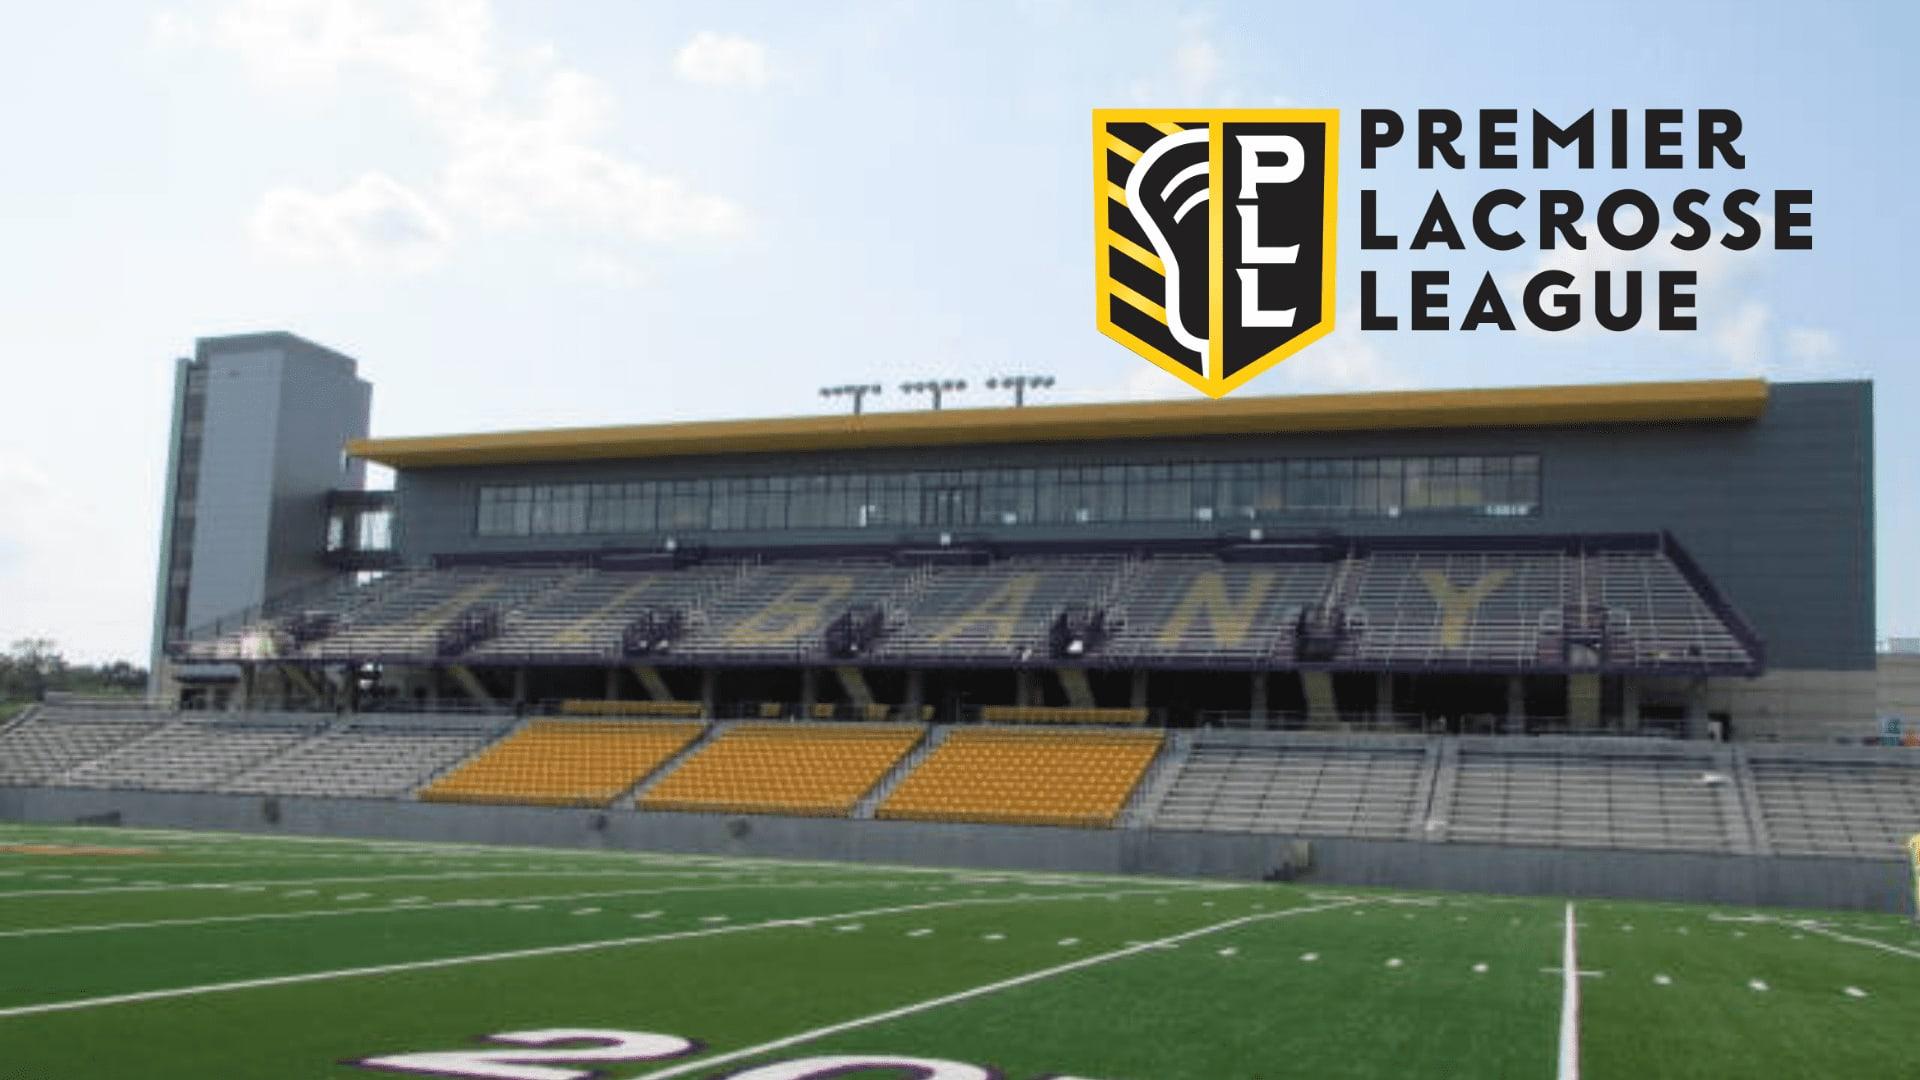 pll premier lacrosse league albany university at albany ny new york